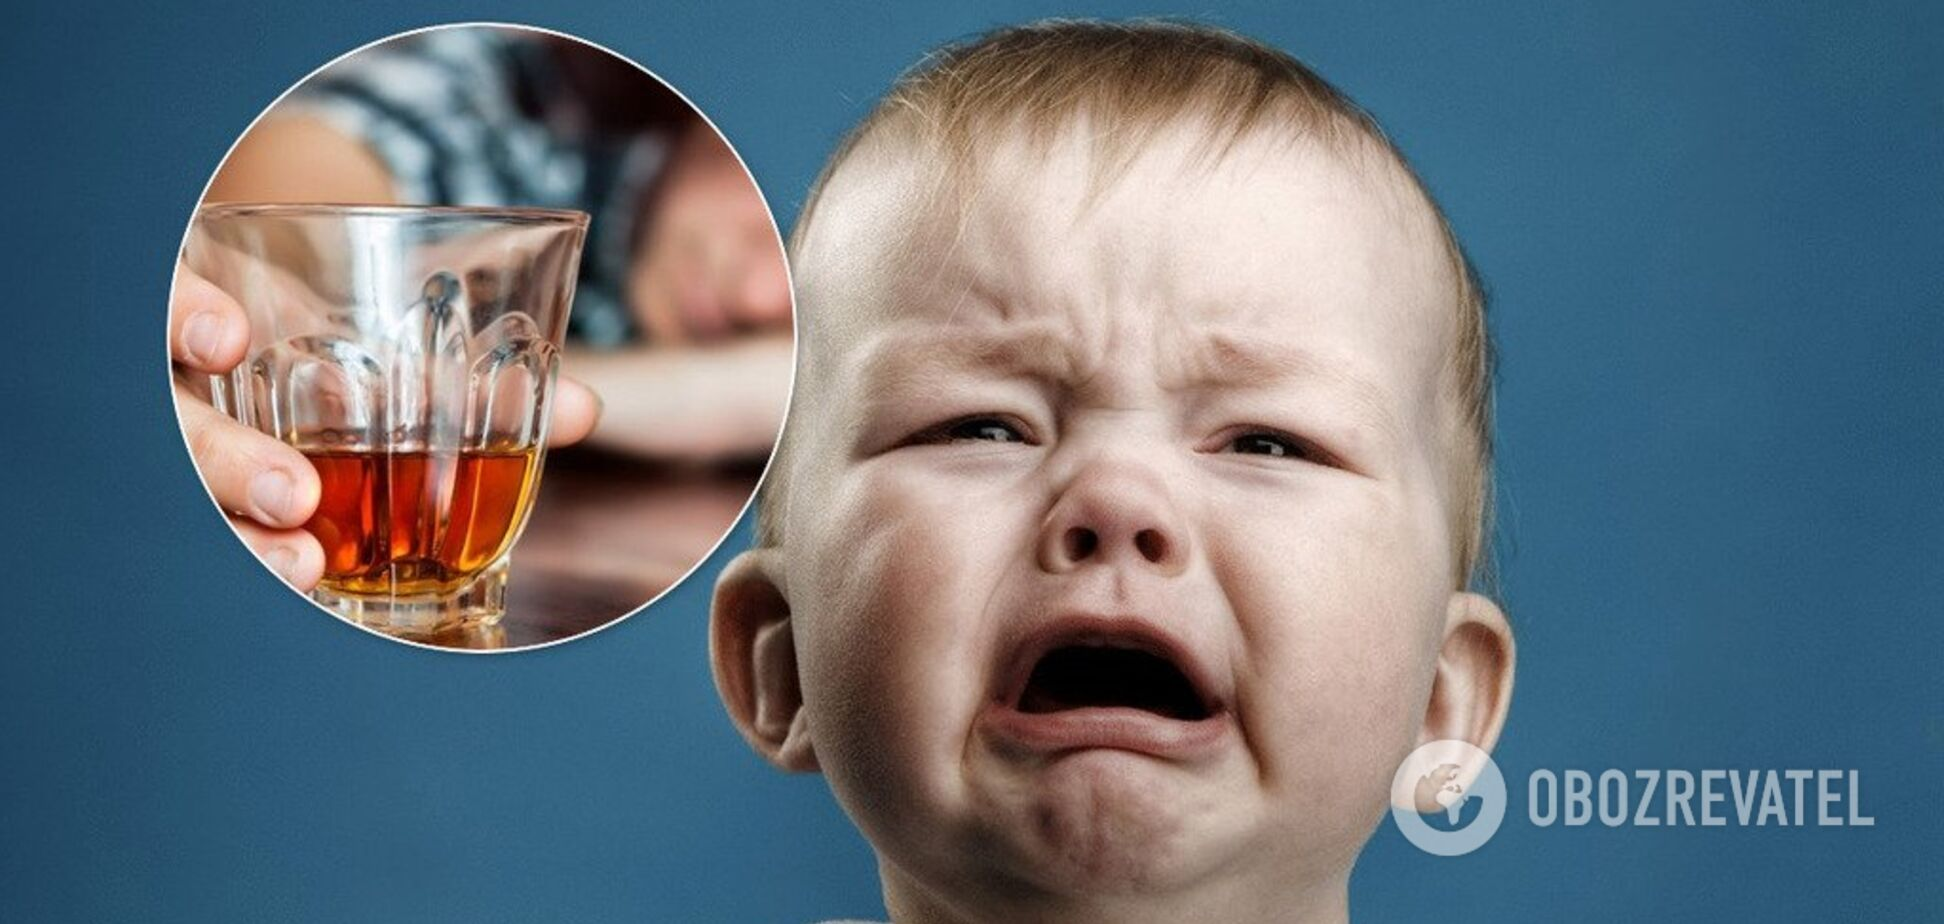 У Дніпрі у п'яної багатодітної матері забрали дітей: подробиці і відео